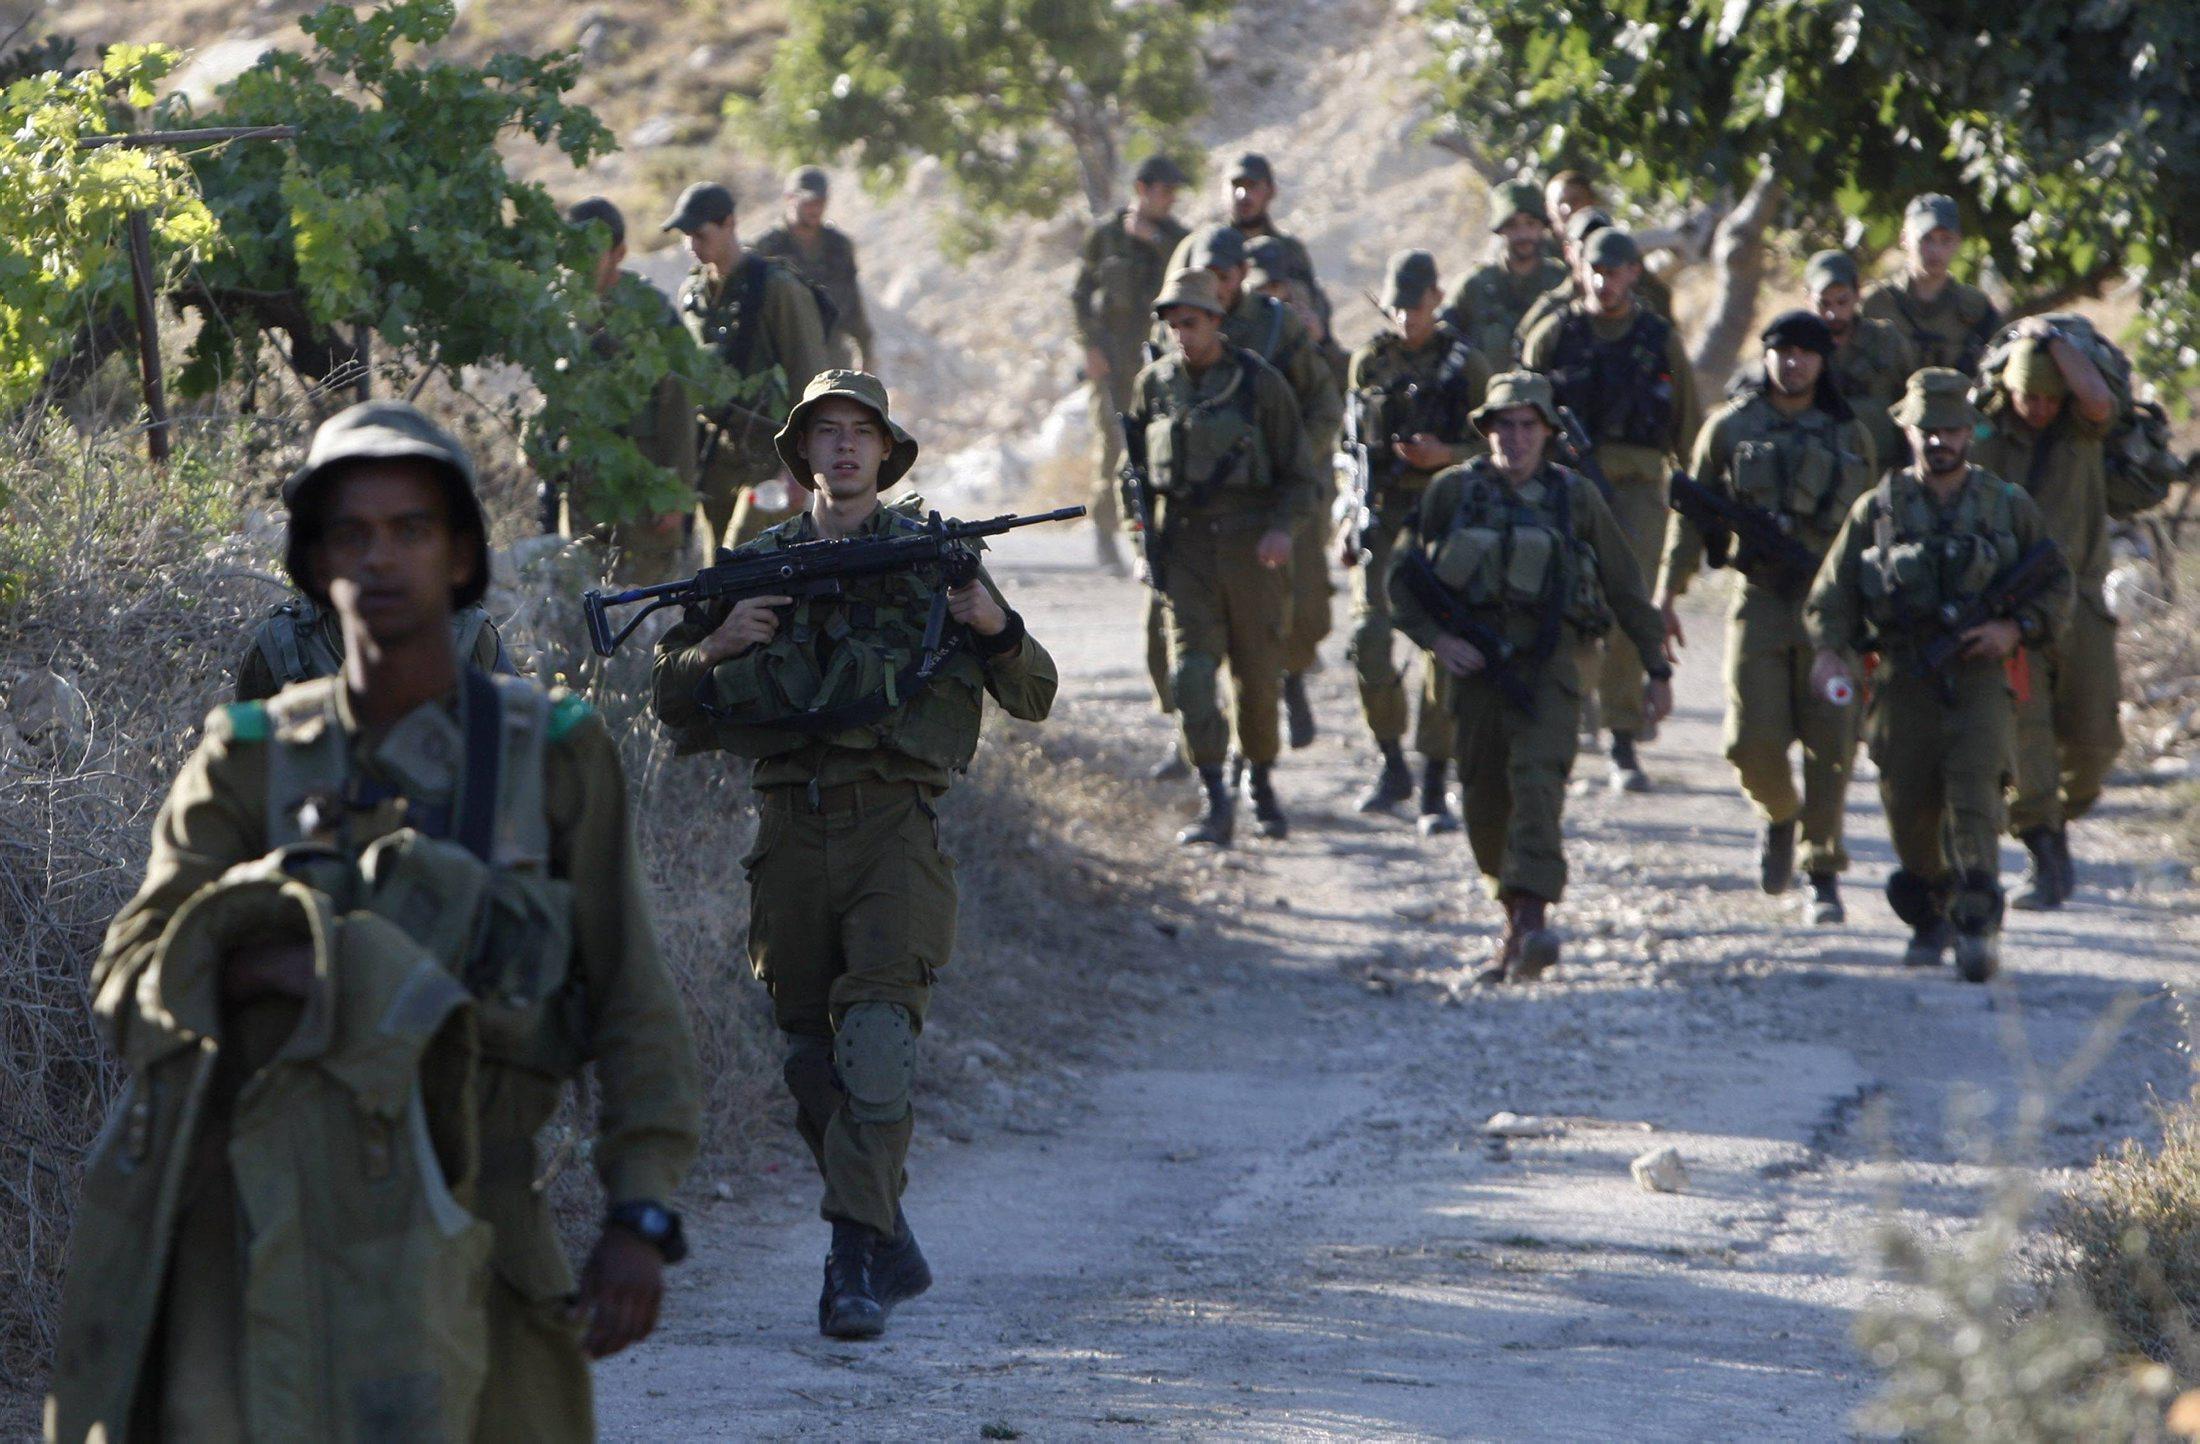 جيش الاحتلال يبدأ خفض سقف التوقعات من الحملة العسكرية على الضفة